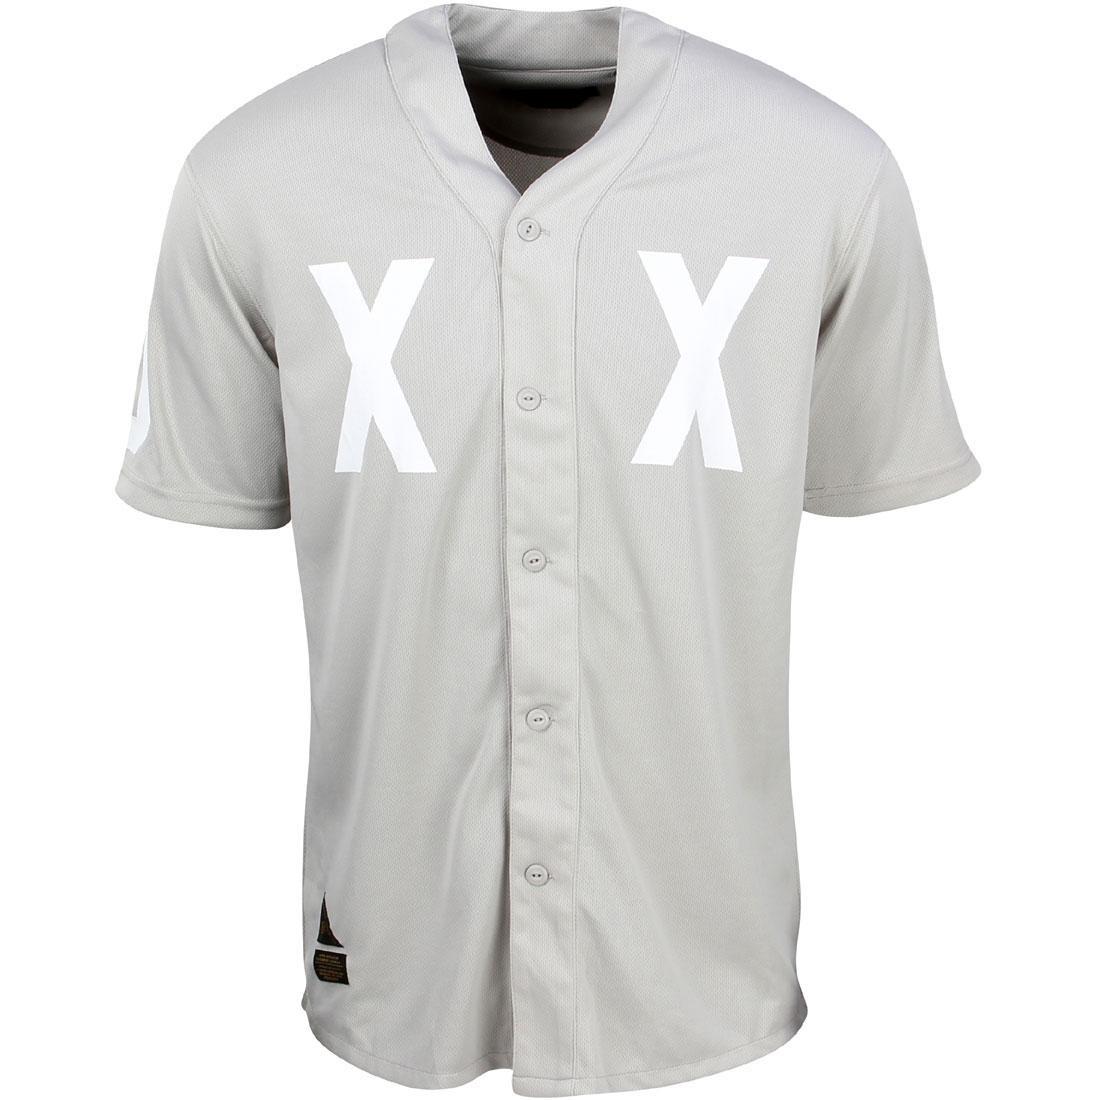 【スーパーセール中! 6/11深夜2時迄】テンディープ 10 DEEP ジャージ メンズファッション トップス Tシャツ カットソー メンズ 【 Dxxp Bb Jersey Shirt (gray) 】 Gray